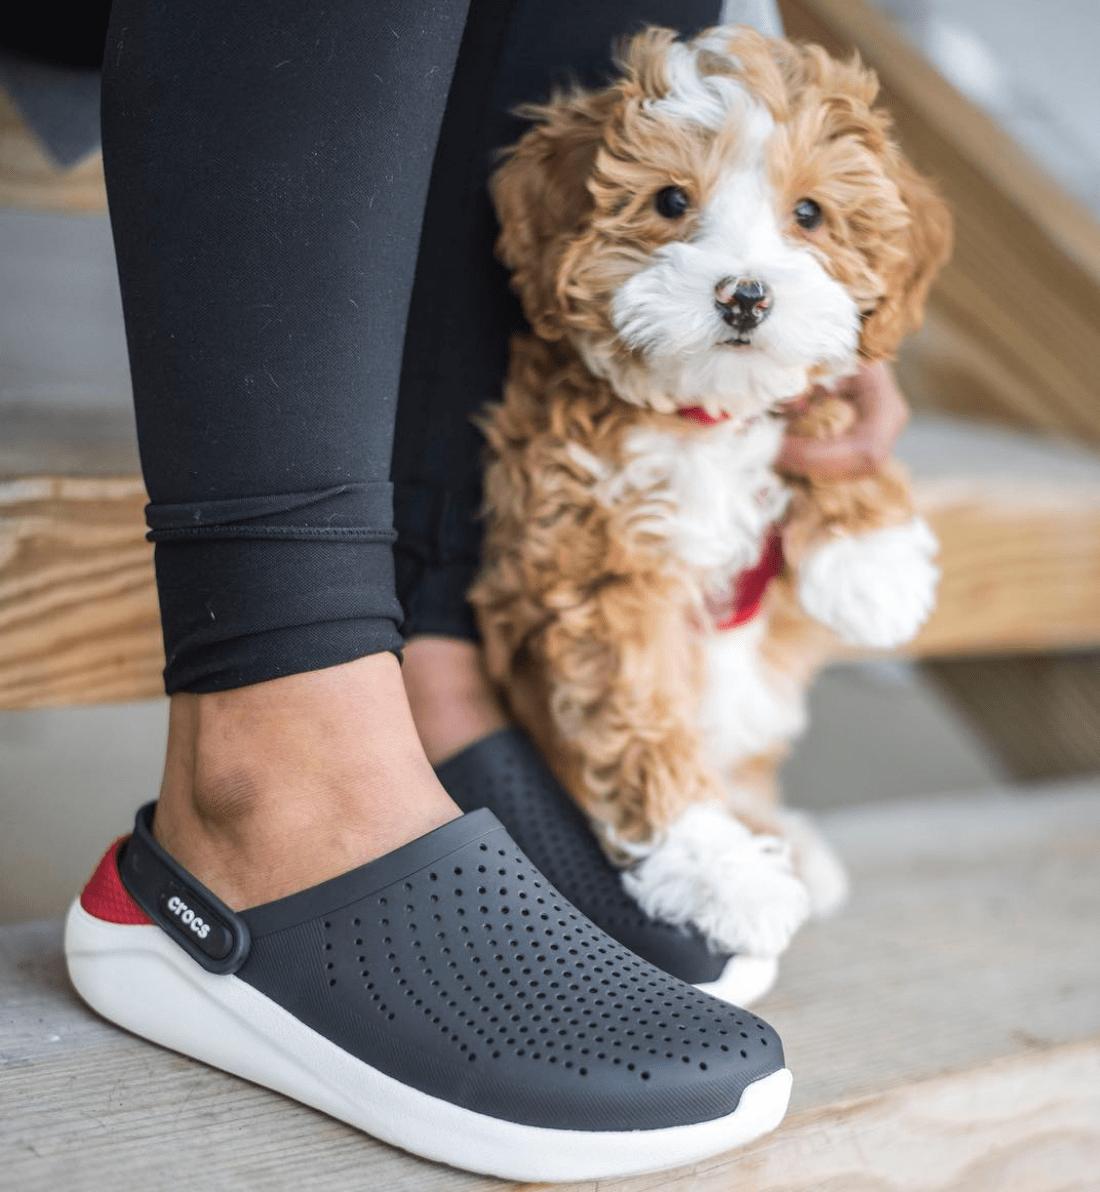 Crocs canada coupon code 2018